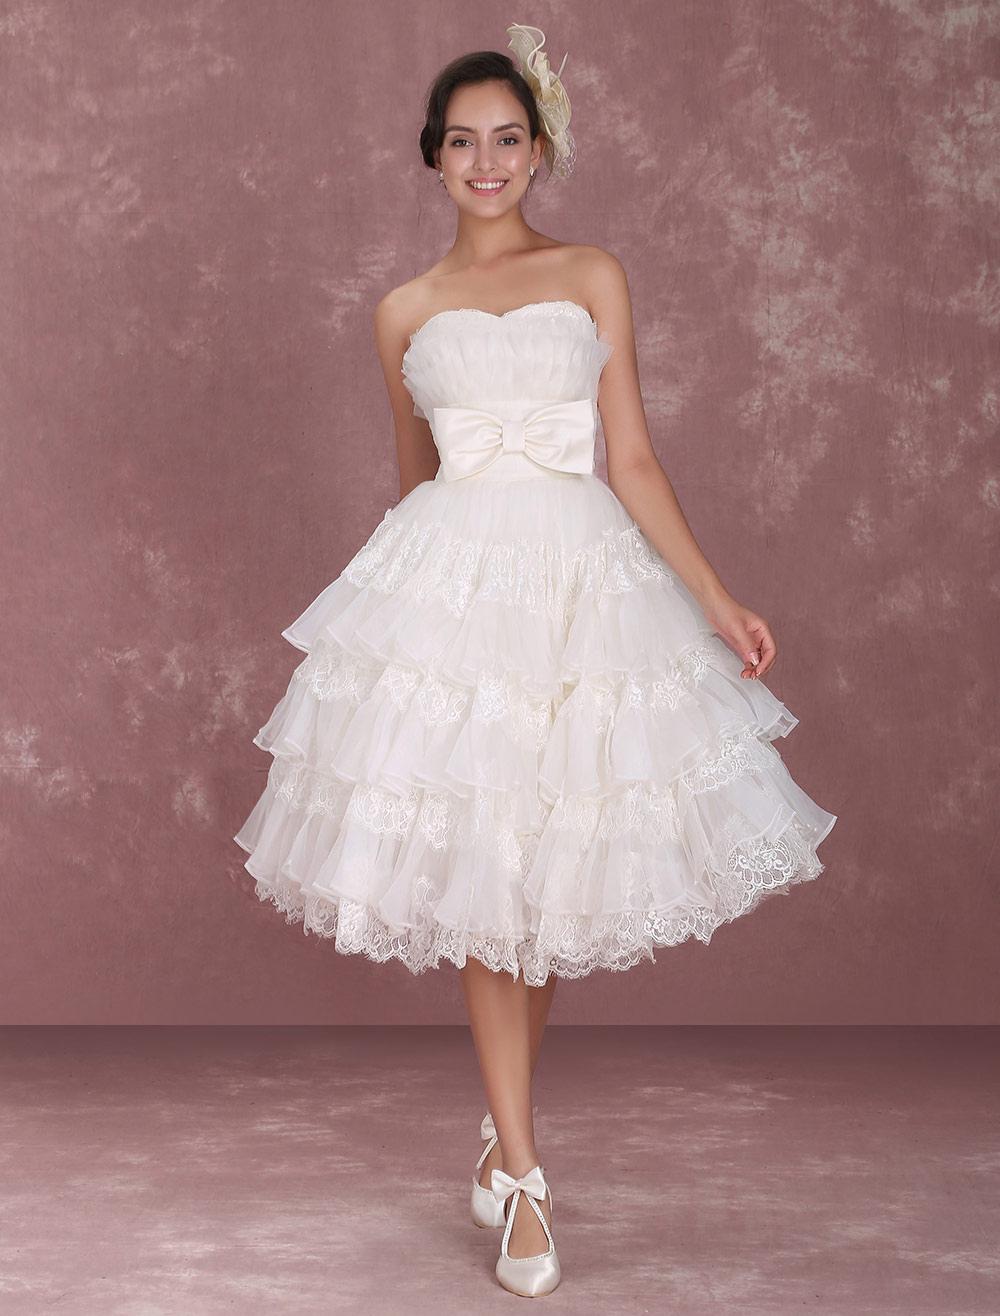 abcd1ea0725 Robe de mariée gracieuse A-ligne ivoire en organza multicouche effet  encolure coeur Milanoo- ...